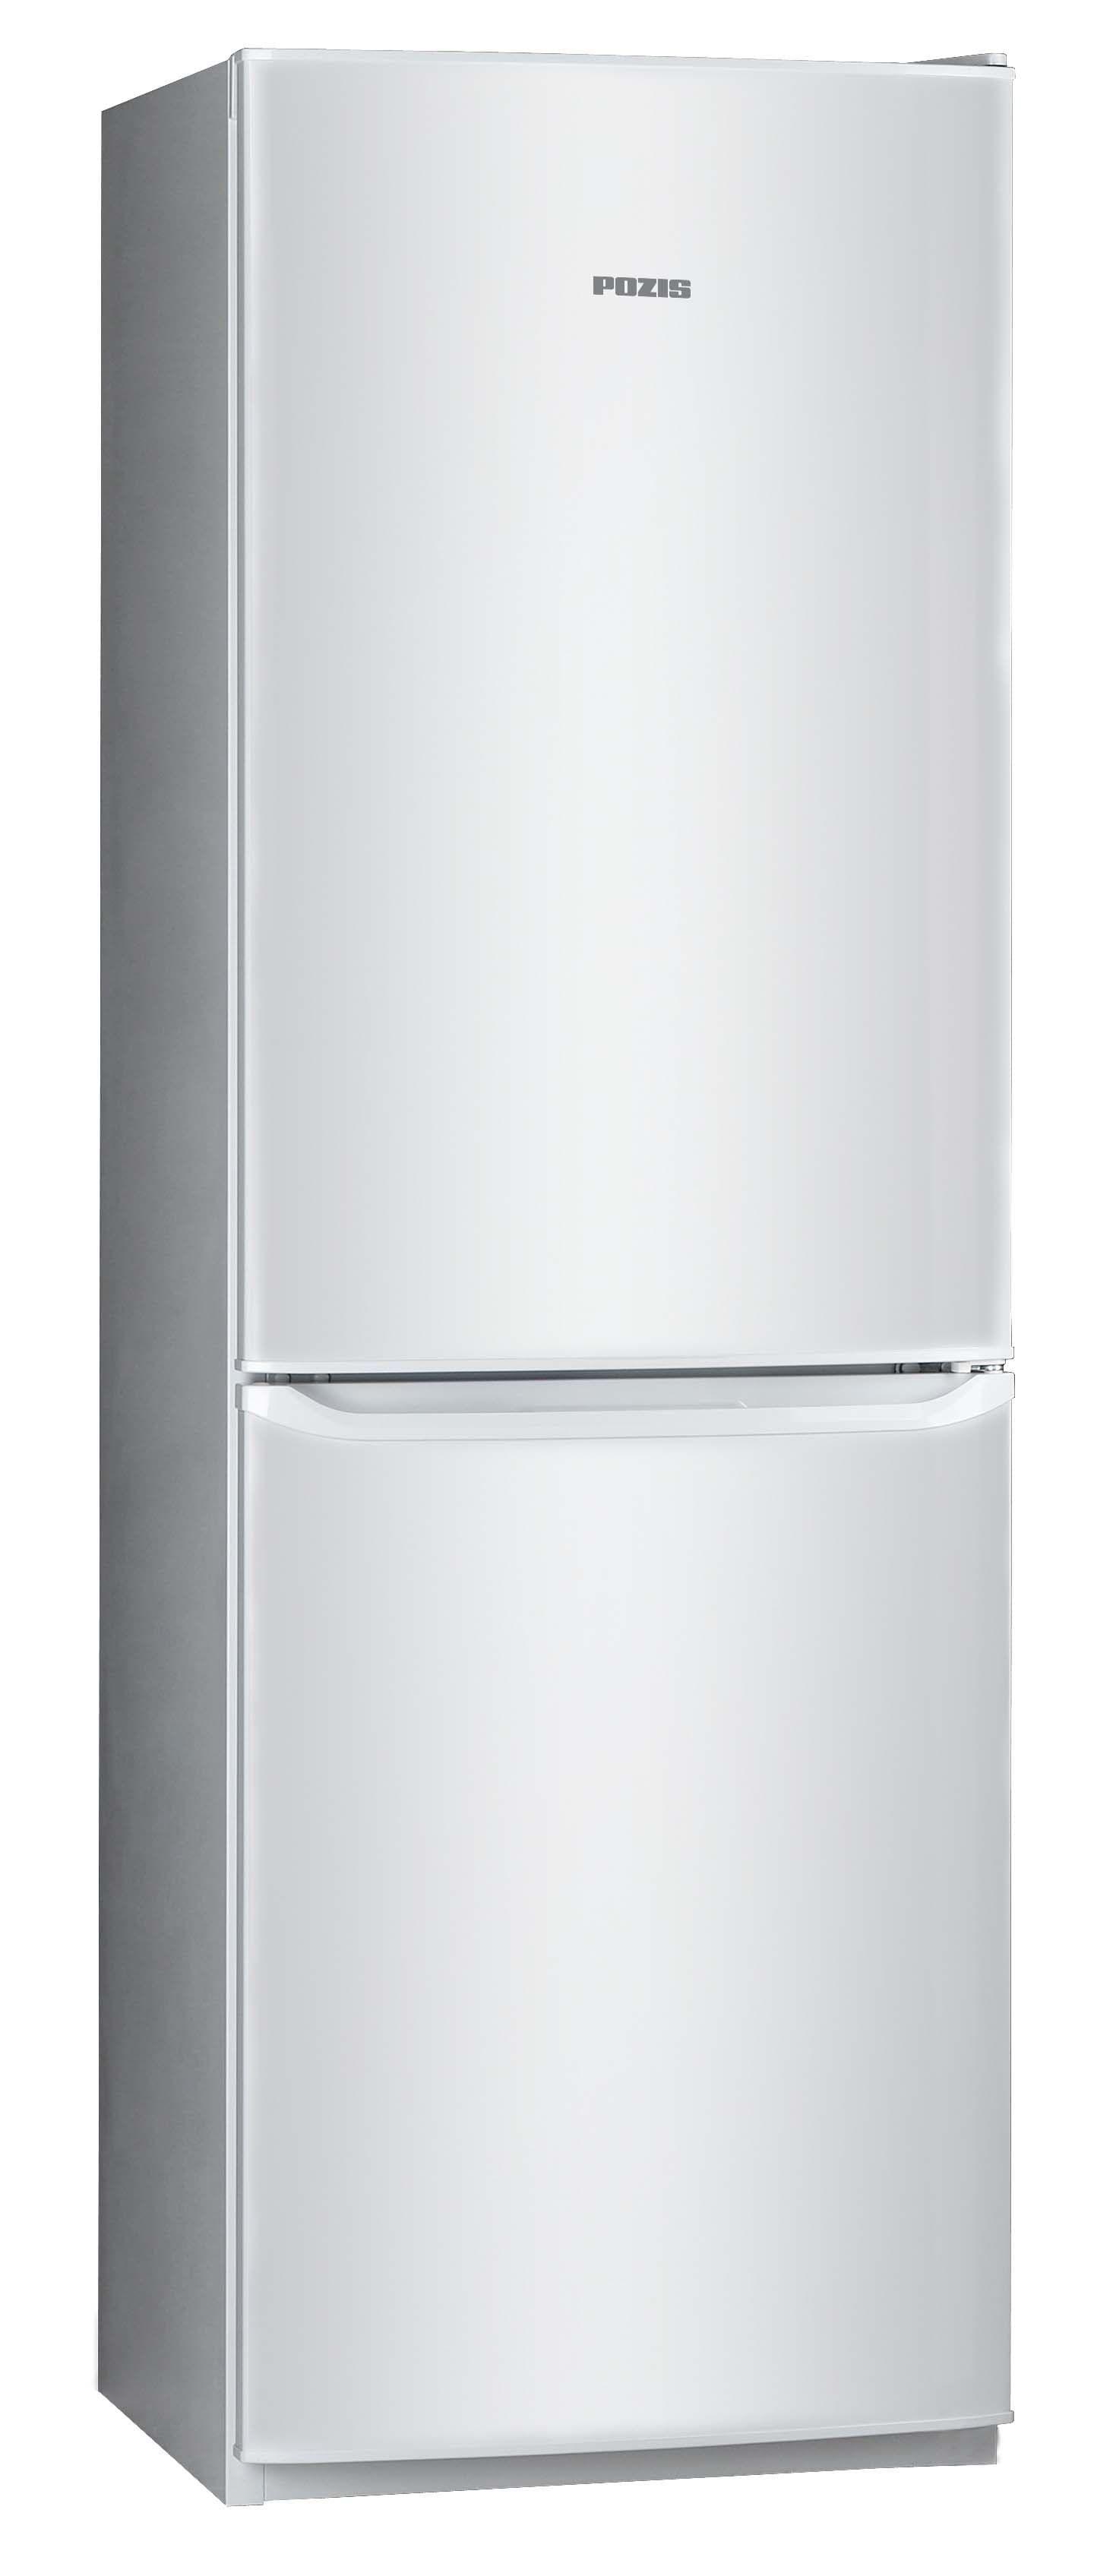 Шкаф холодильный RK-139 серебристый